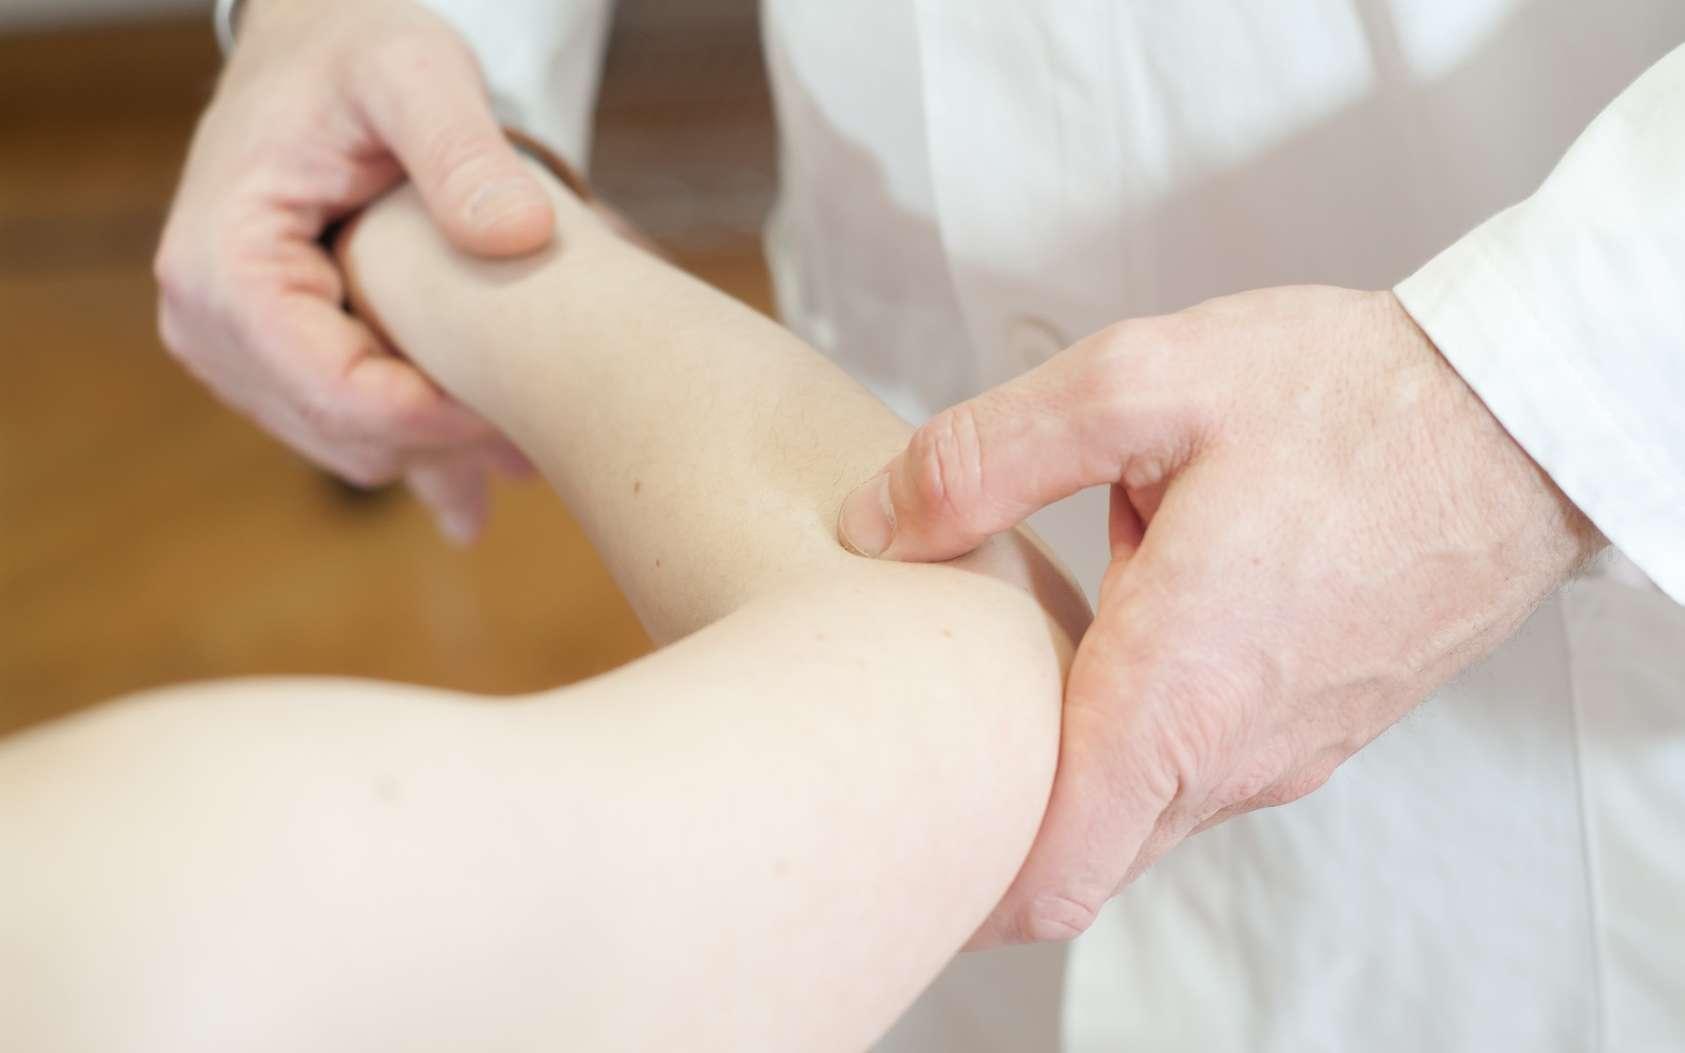 L'orthopédie